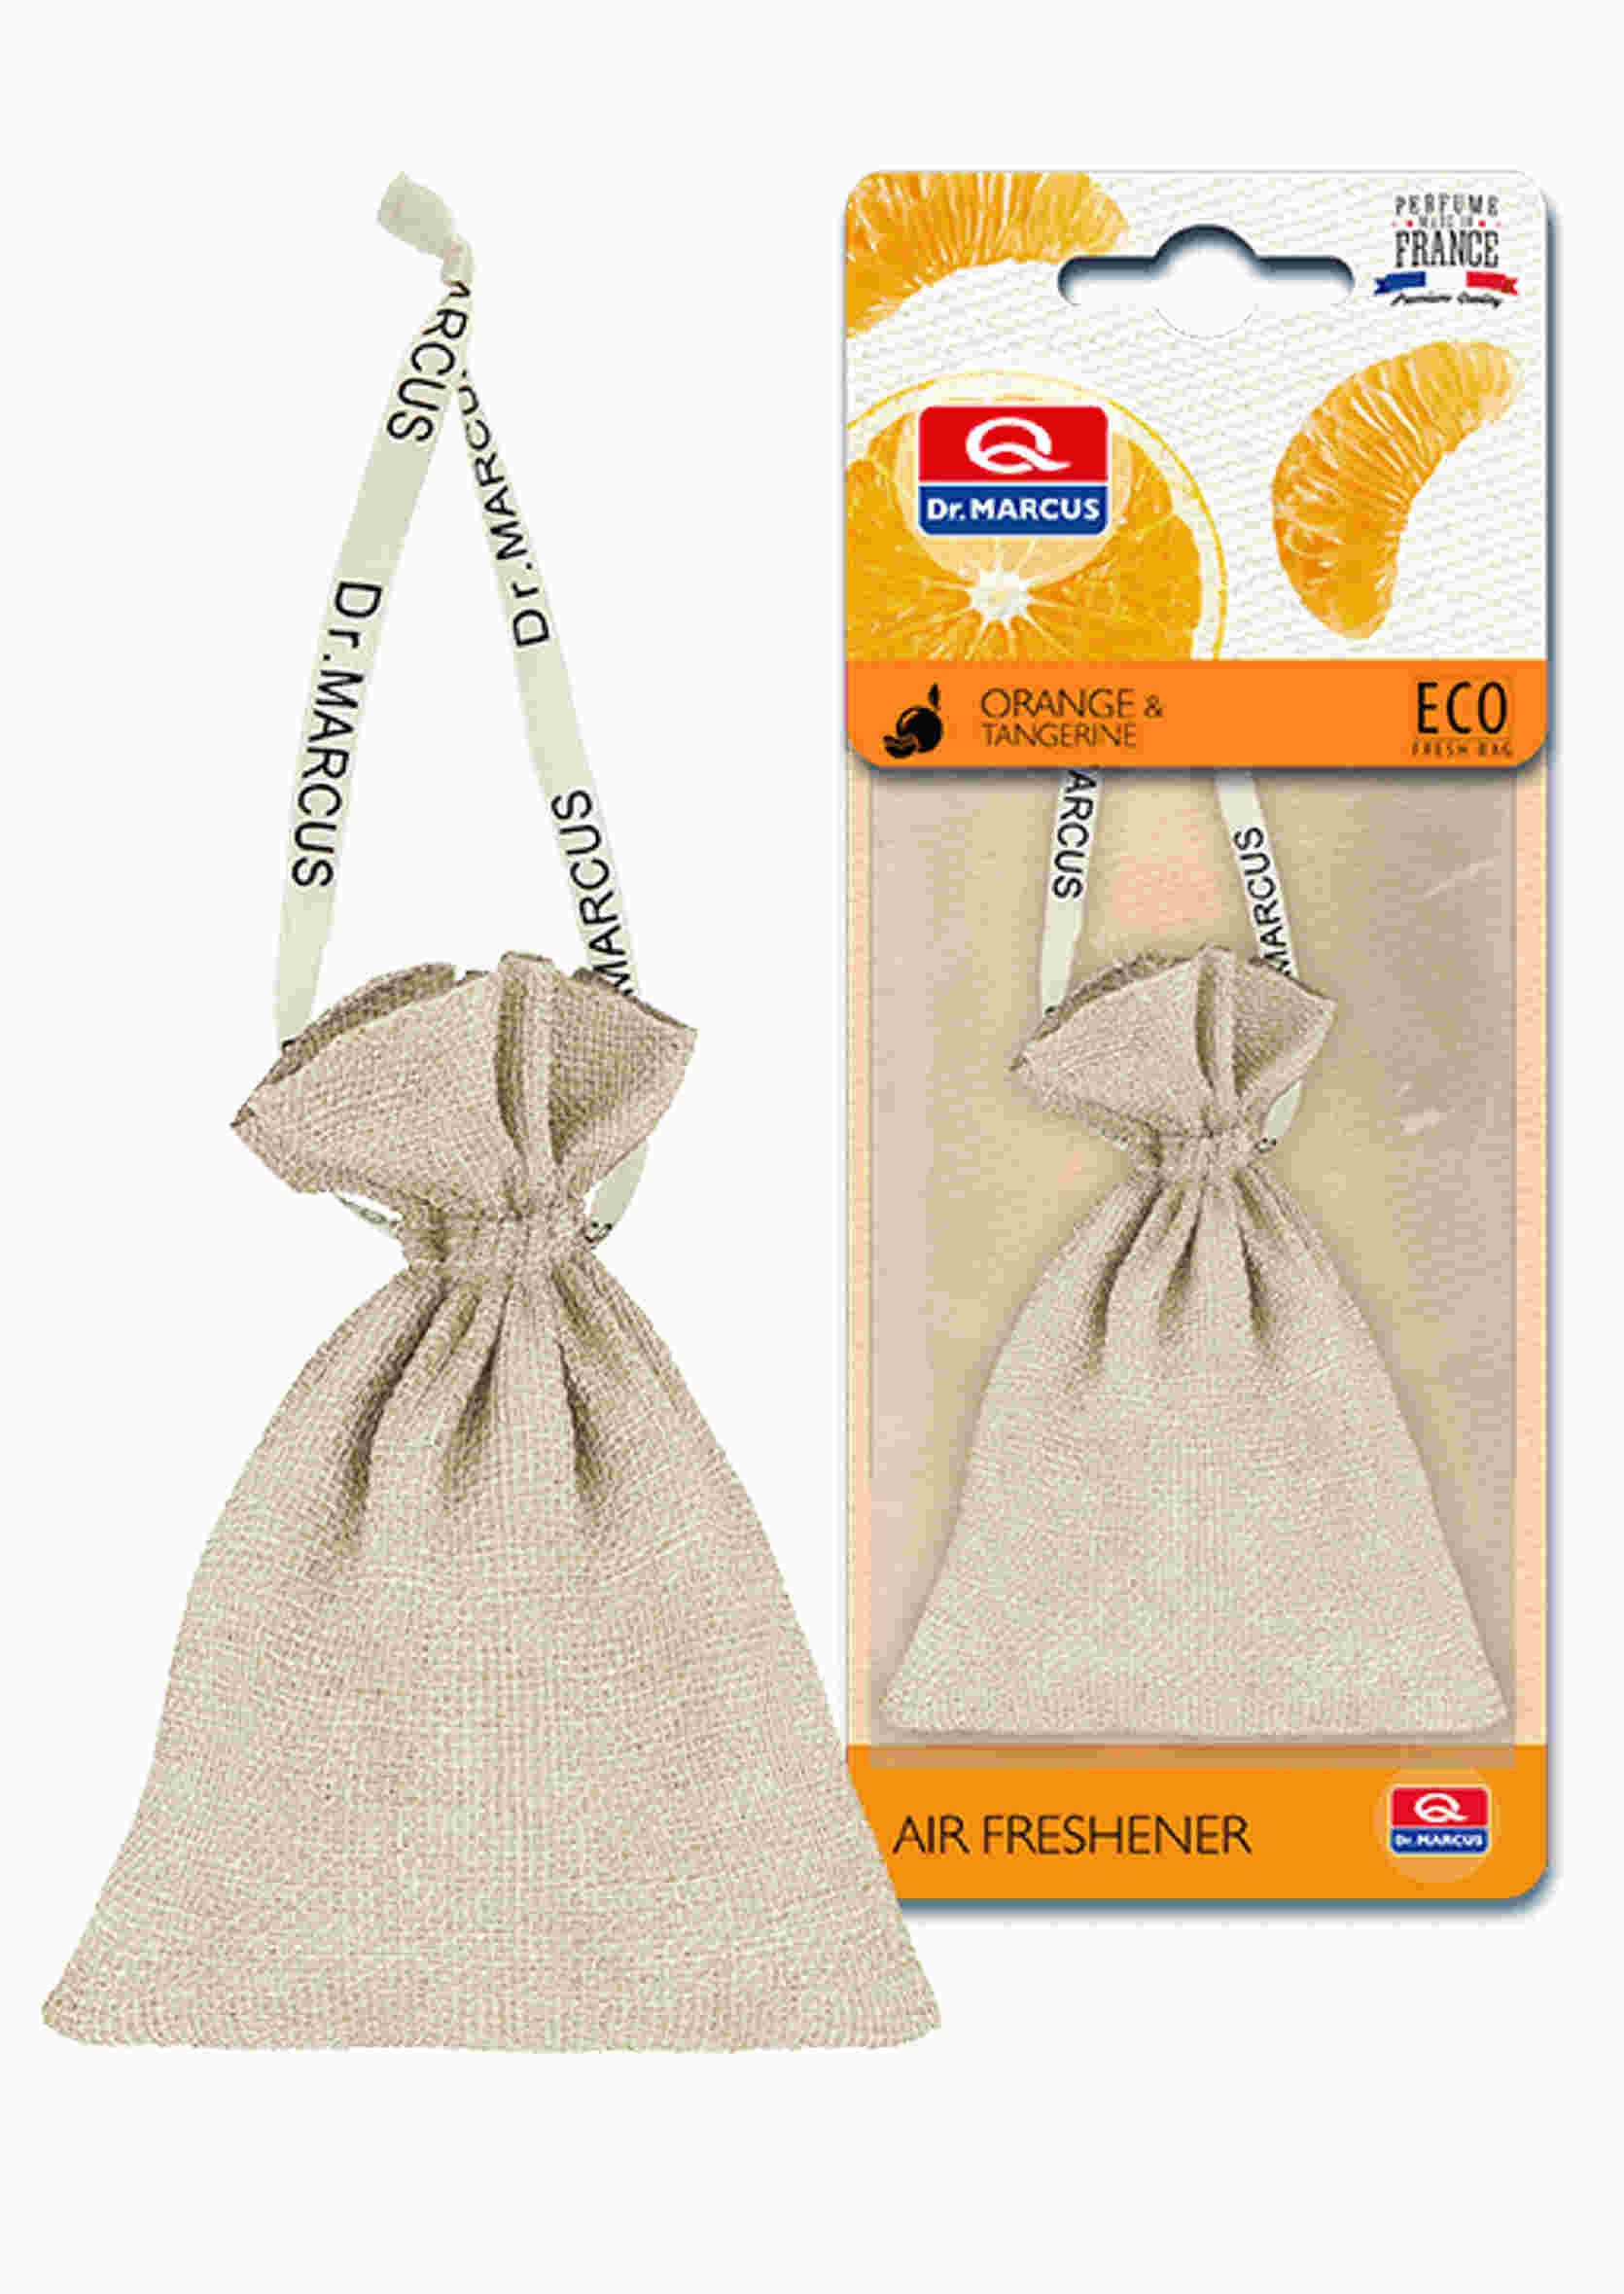 Dr. Marcus Fresh Bag Eco Pomarańcz Mandarynka 20g Zapach Samochodowy Sakiewka